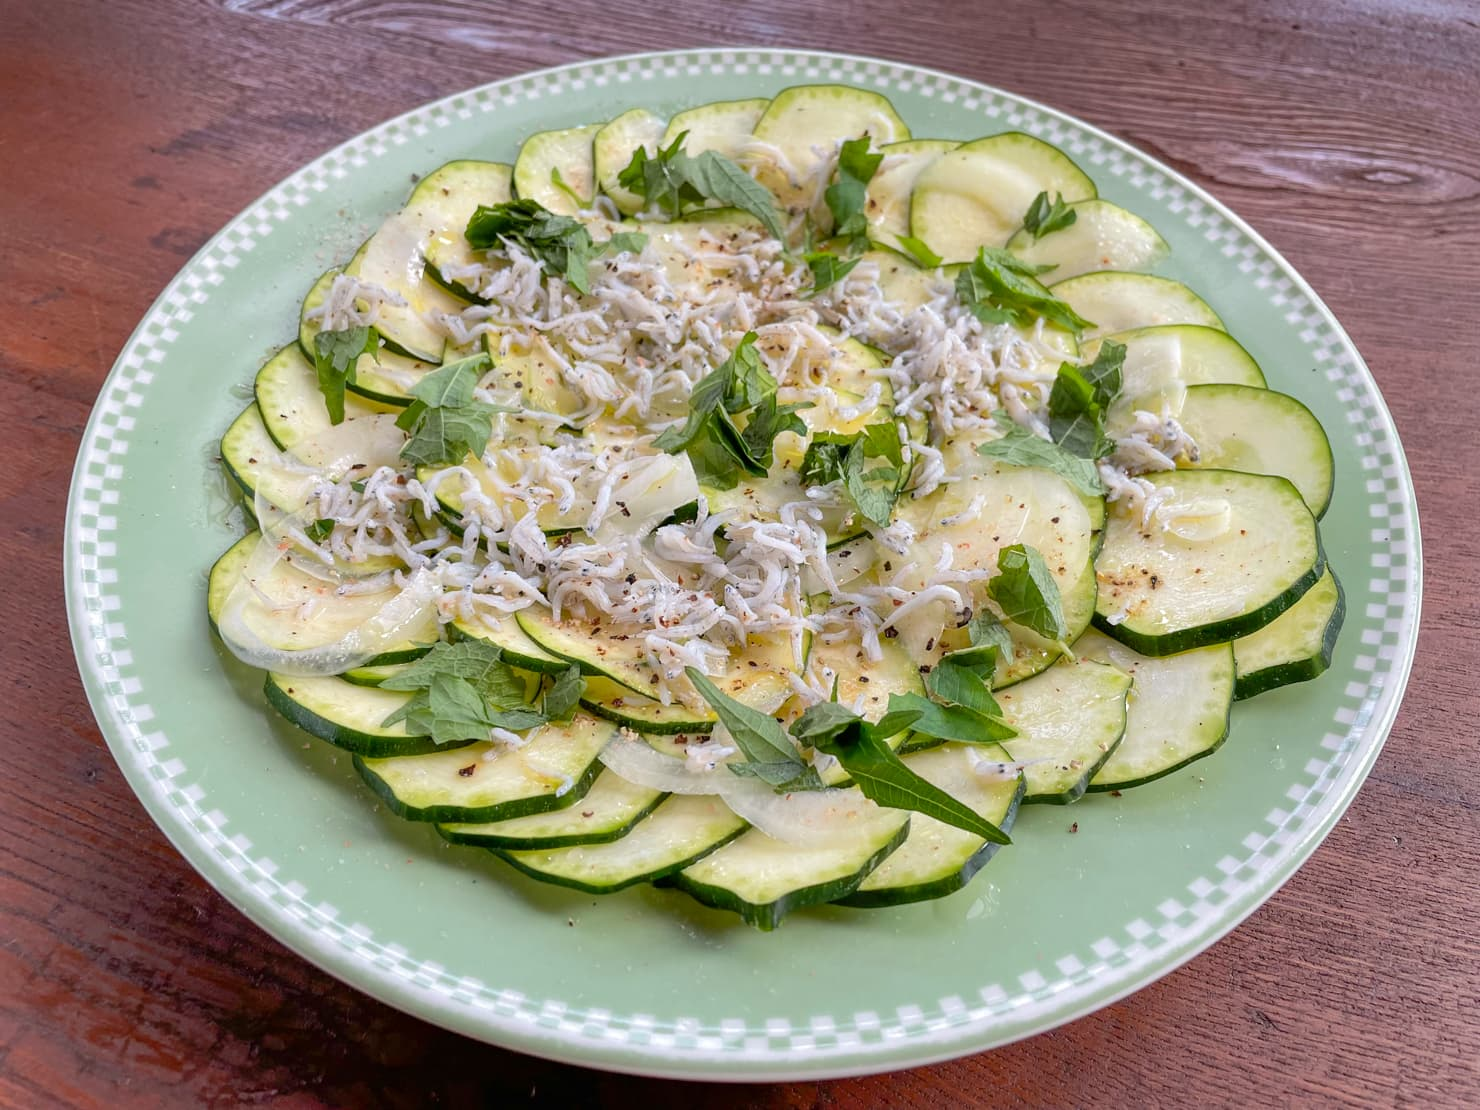 ズッキーニのカルパッチョ風サラダ・レモンとしらす干しの写真